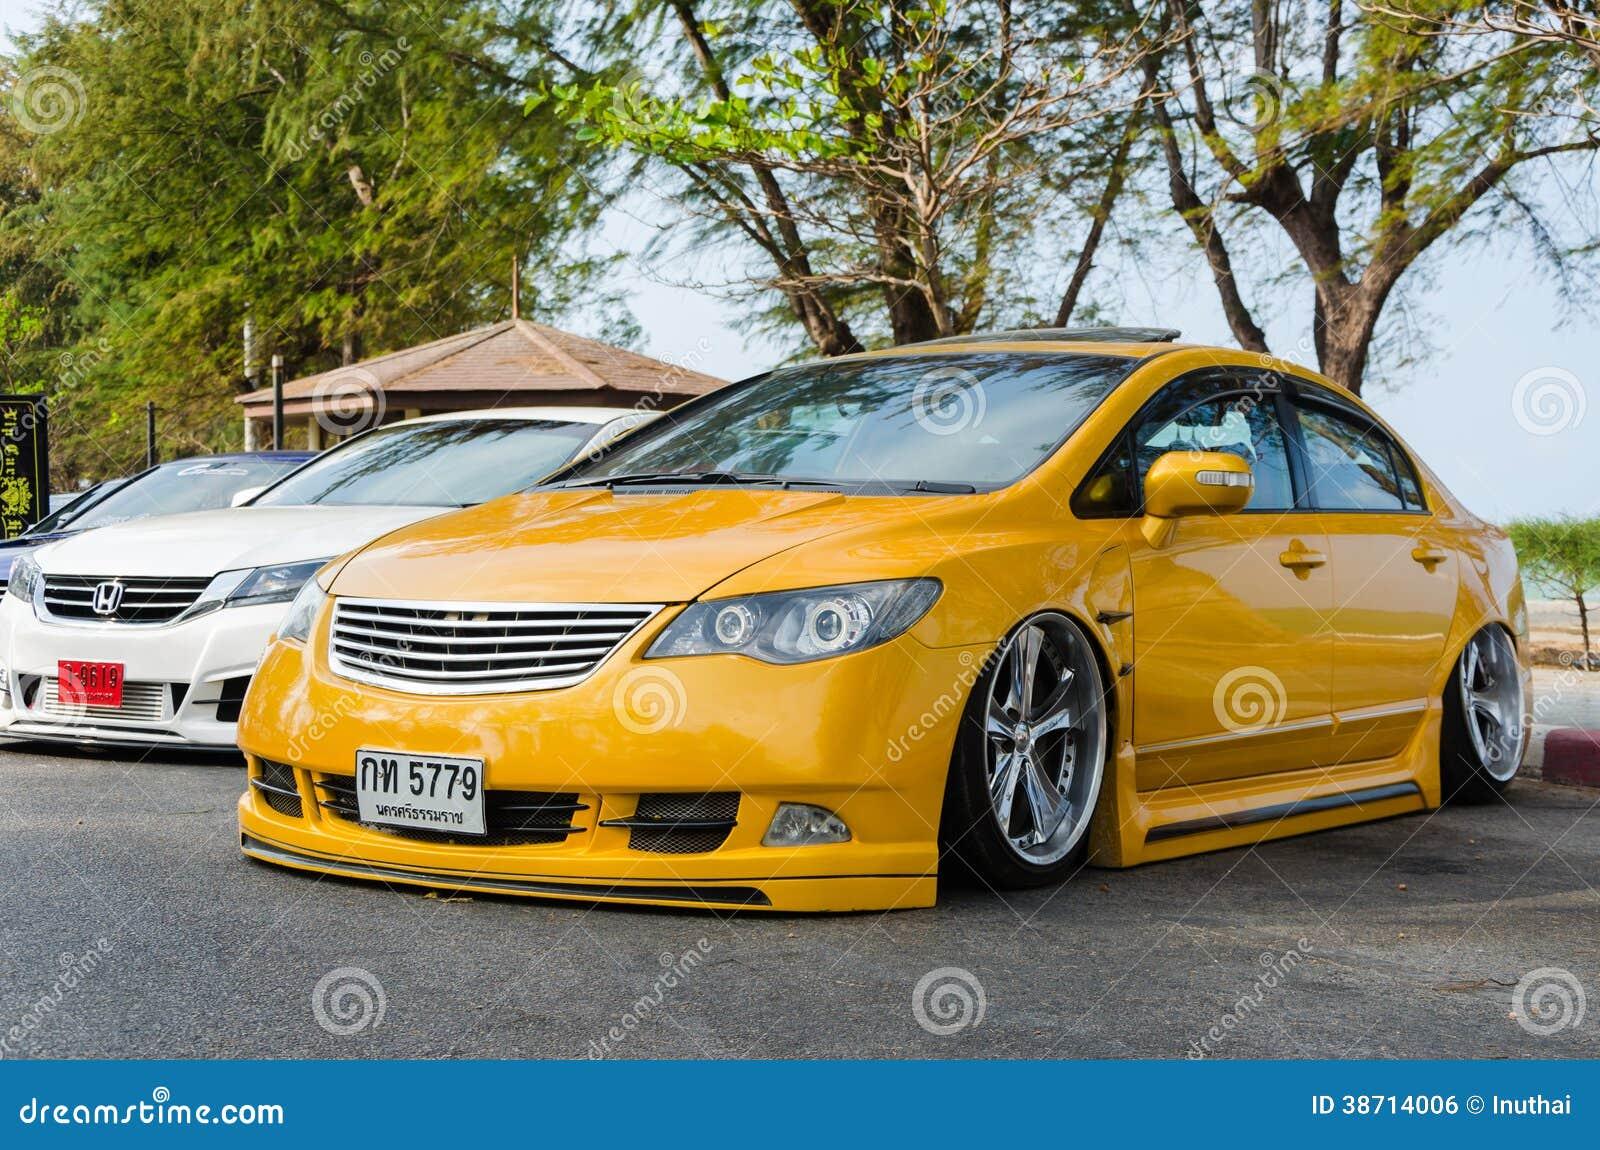 Tuned Car Honda Civic Editorial Photo Image 38714006